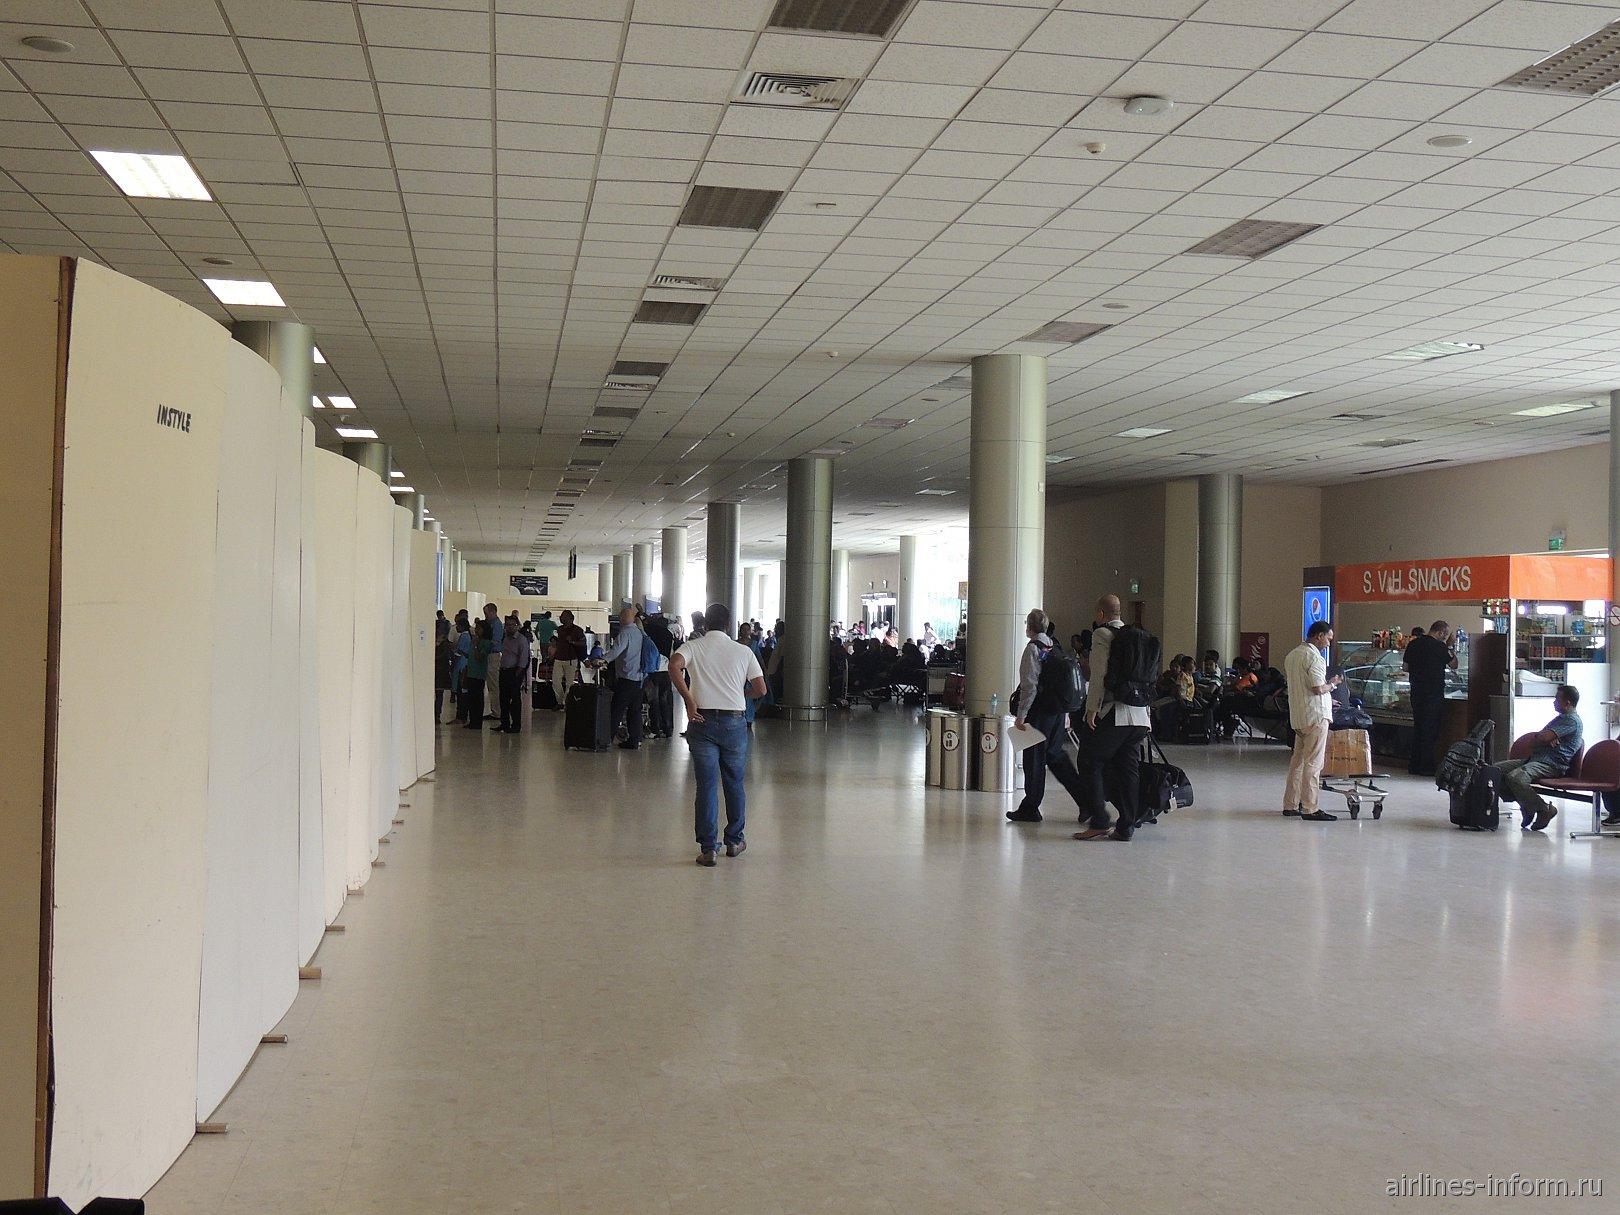 У входа в зал регистрации в аэропорту Коломбо Бандаранайке